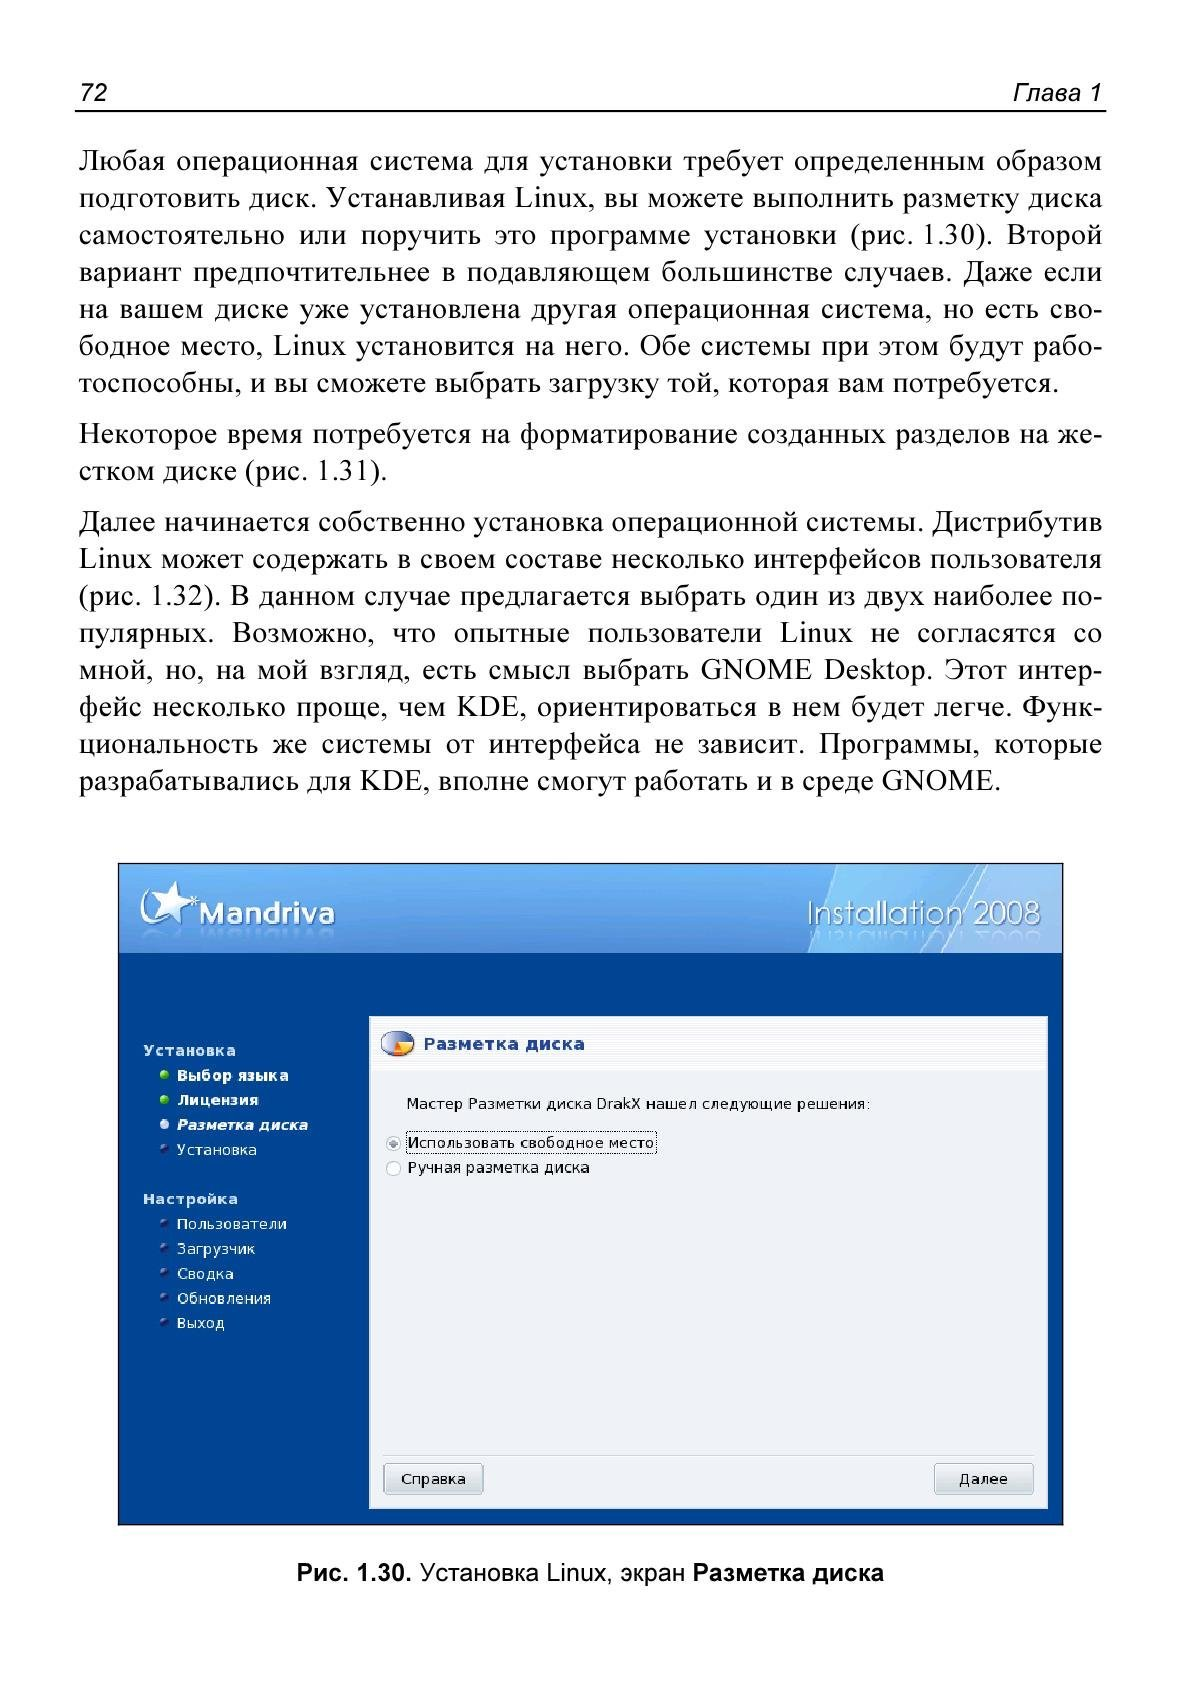 http://images.vfl.ru/ii/1407270284/c588d341/5909285.jpg